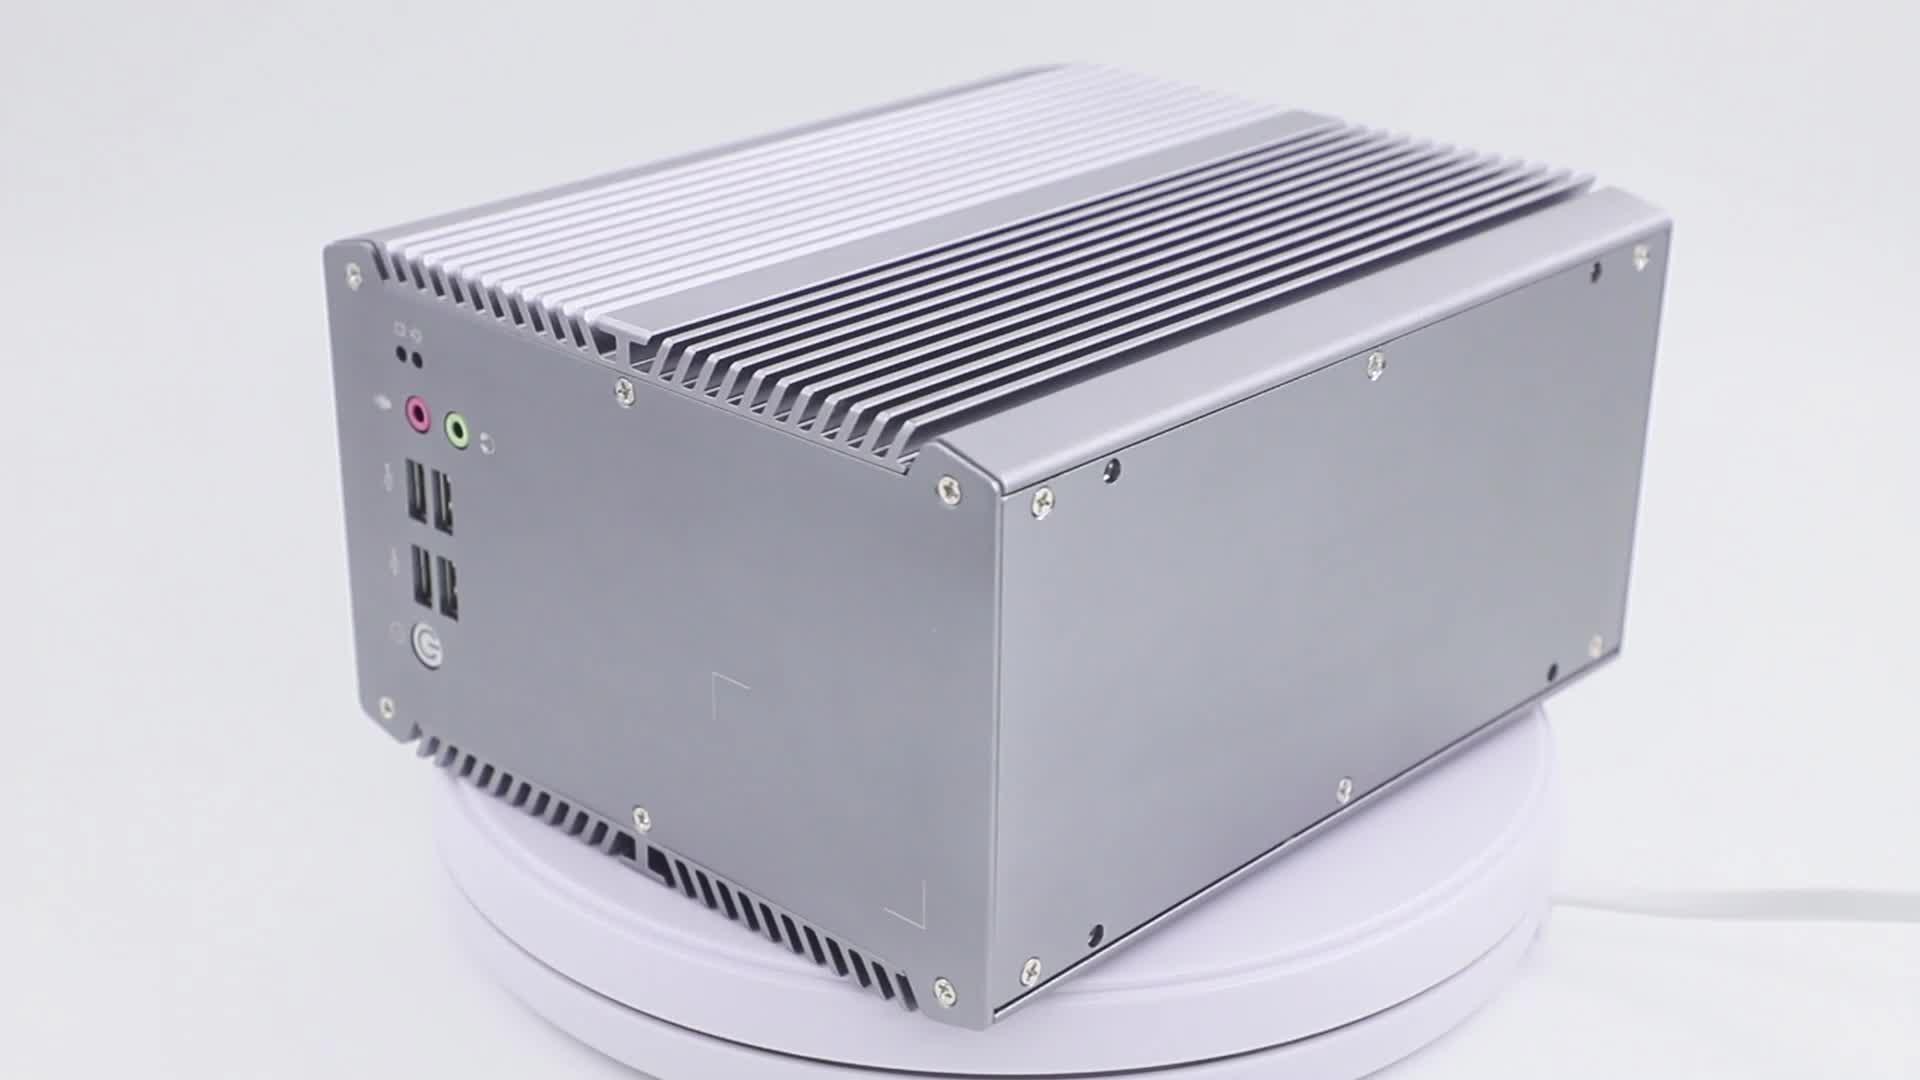 Doppio display core i3 i5 i7 fanless pc industriale computer con pcie